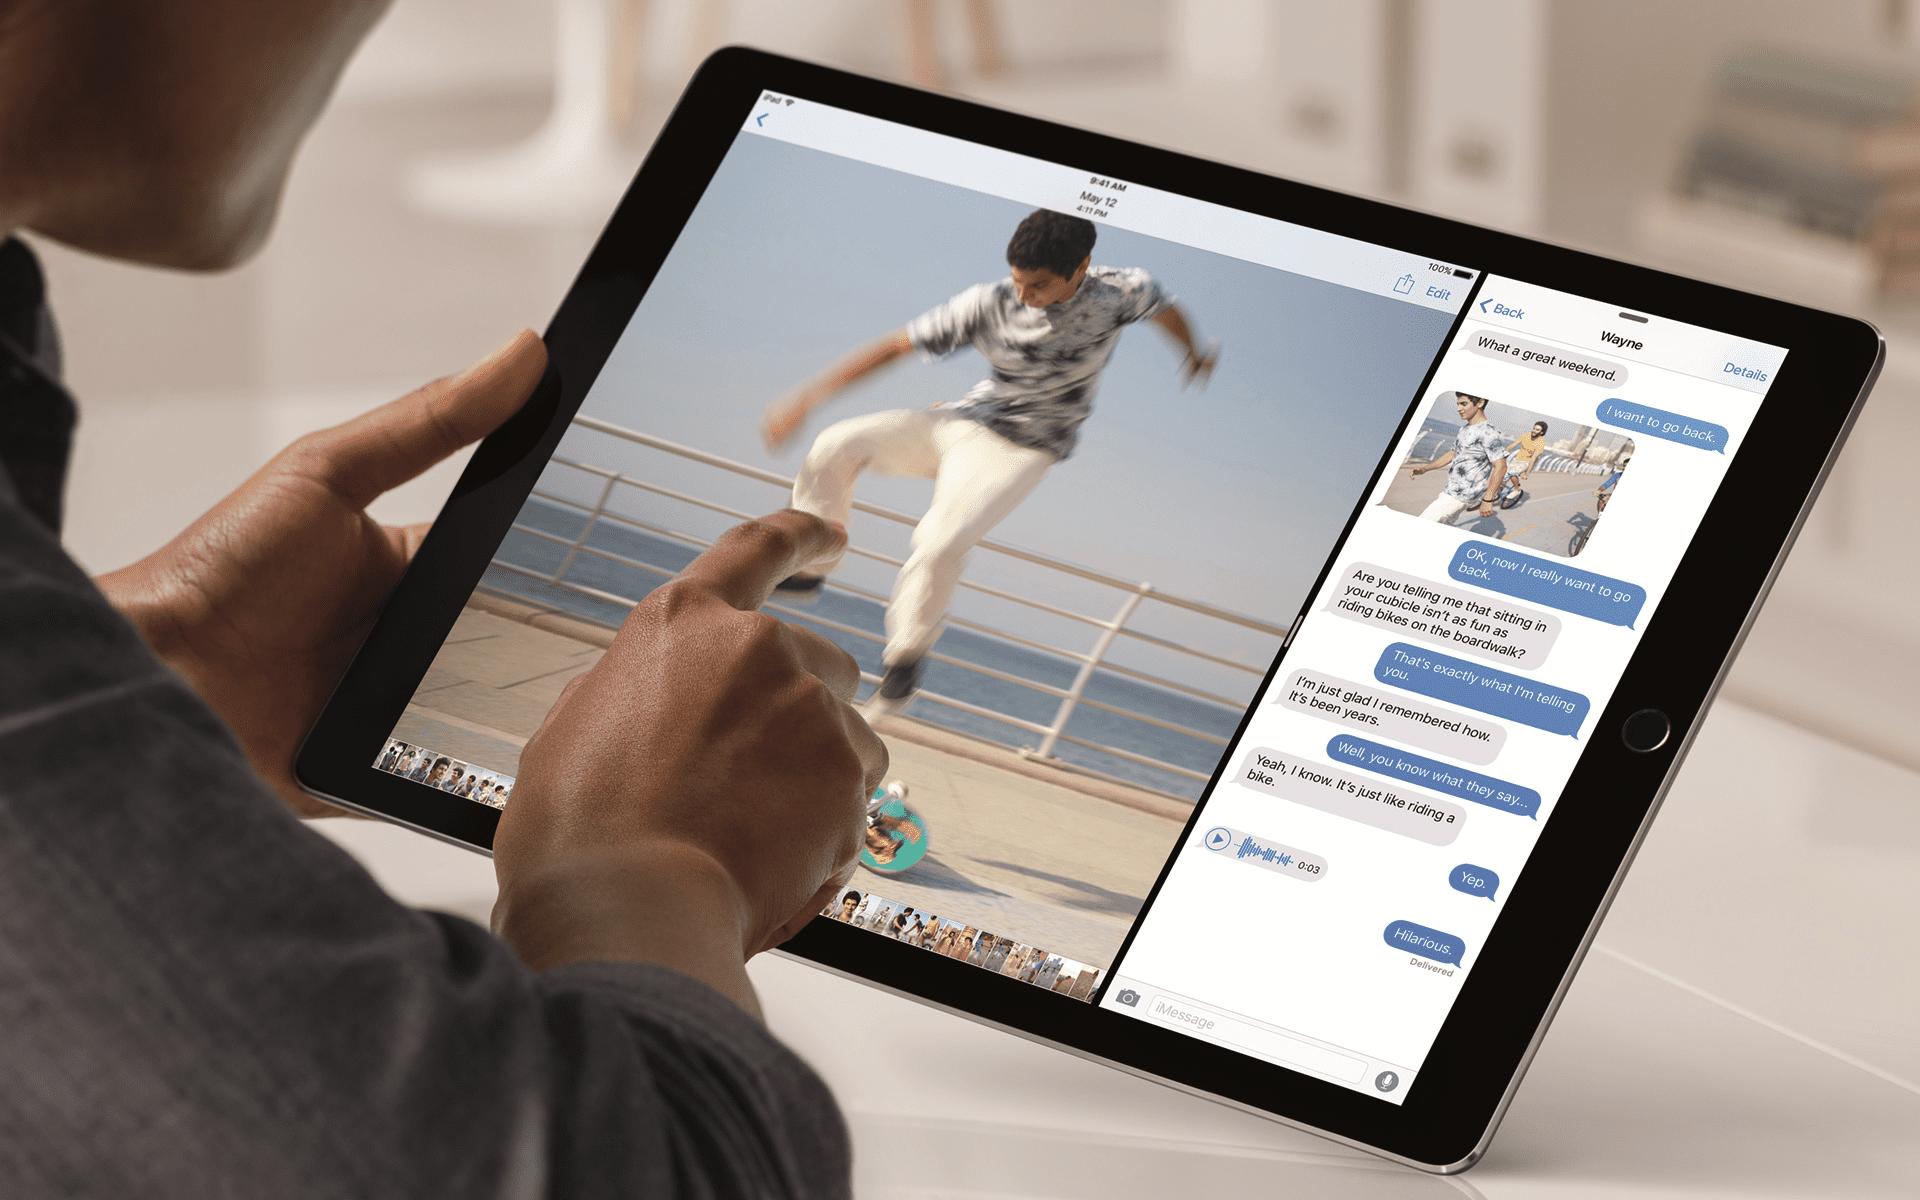 Keep Your iPad Running Efficiently